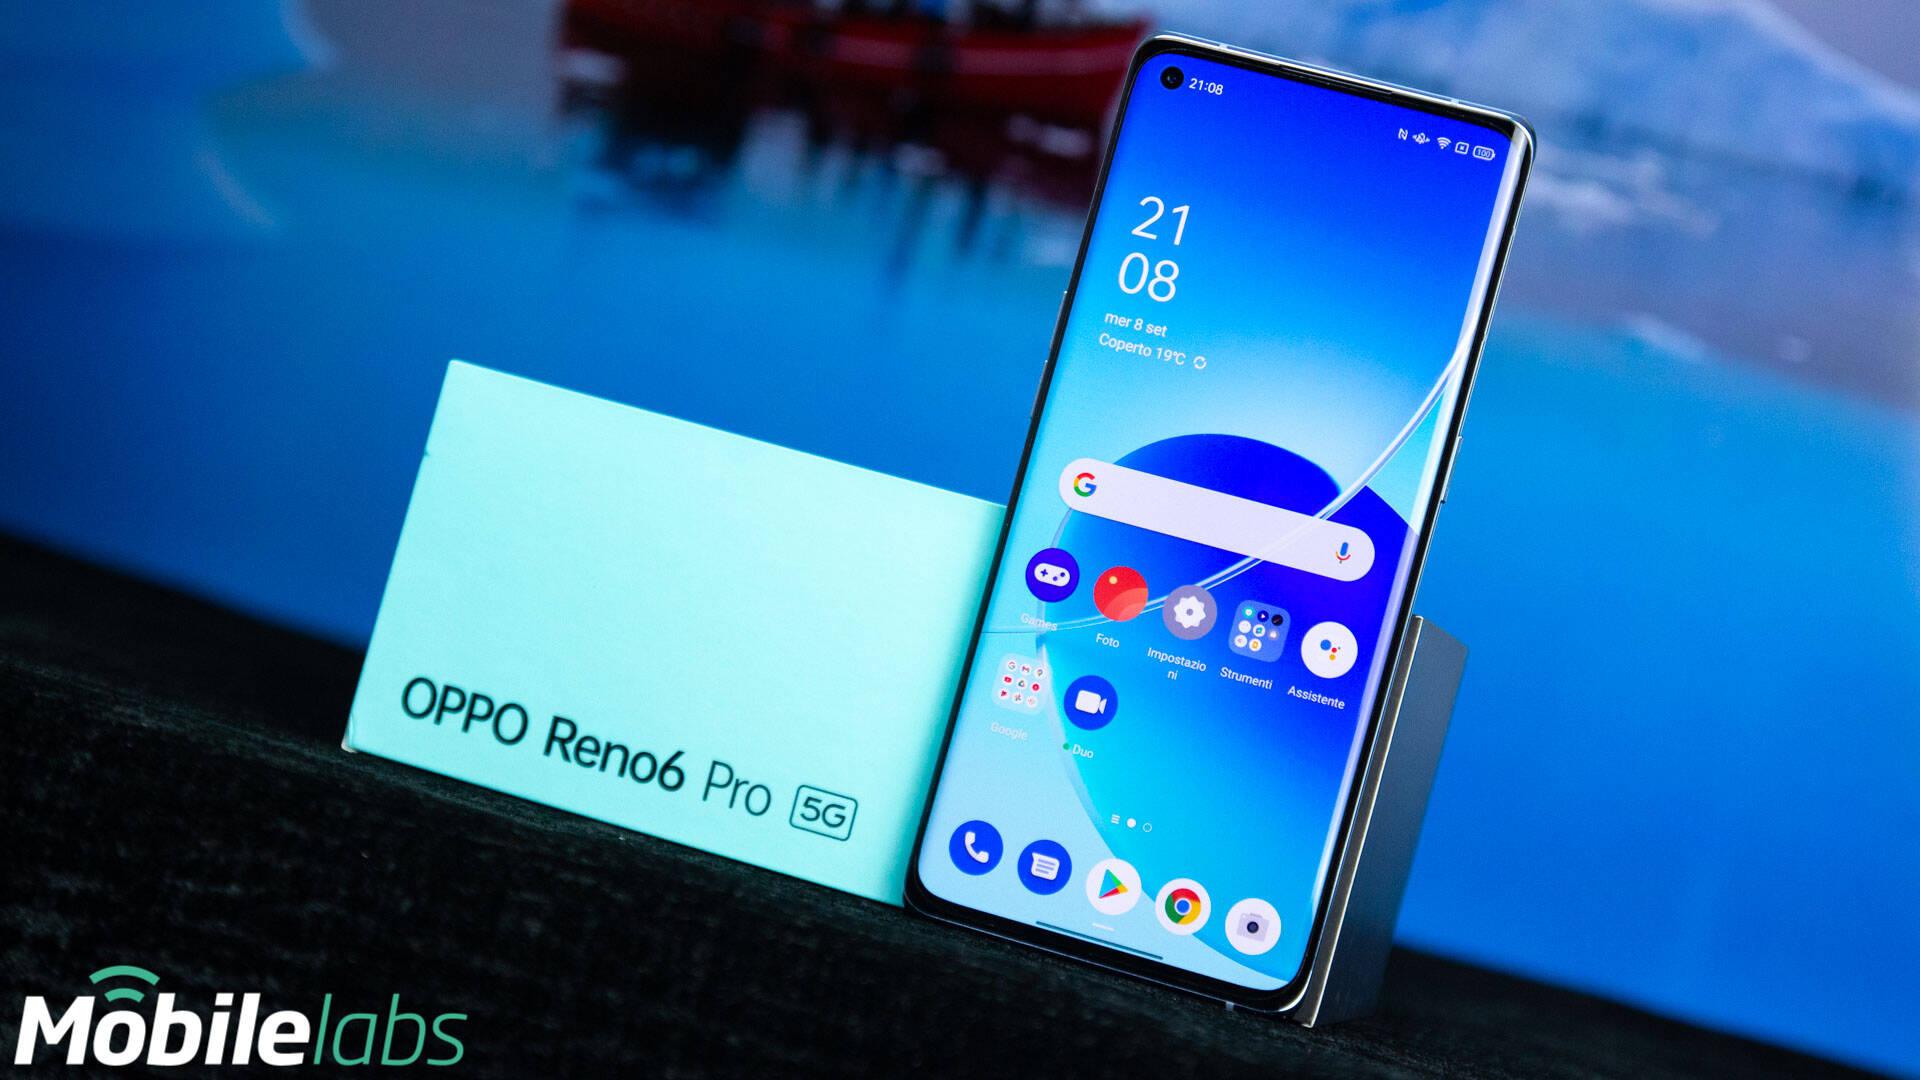 Oppo - Reno6 Pro